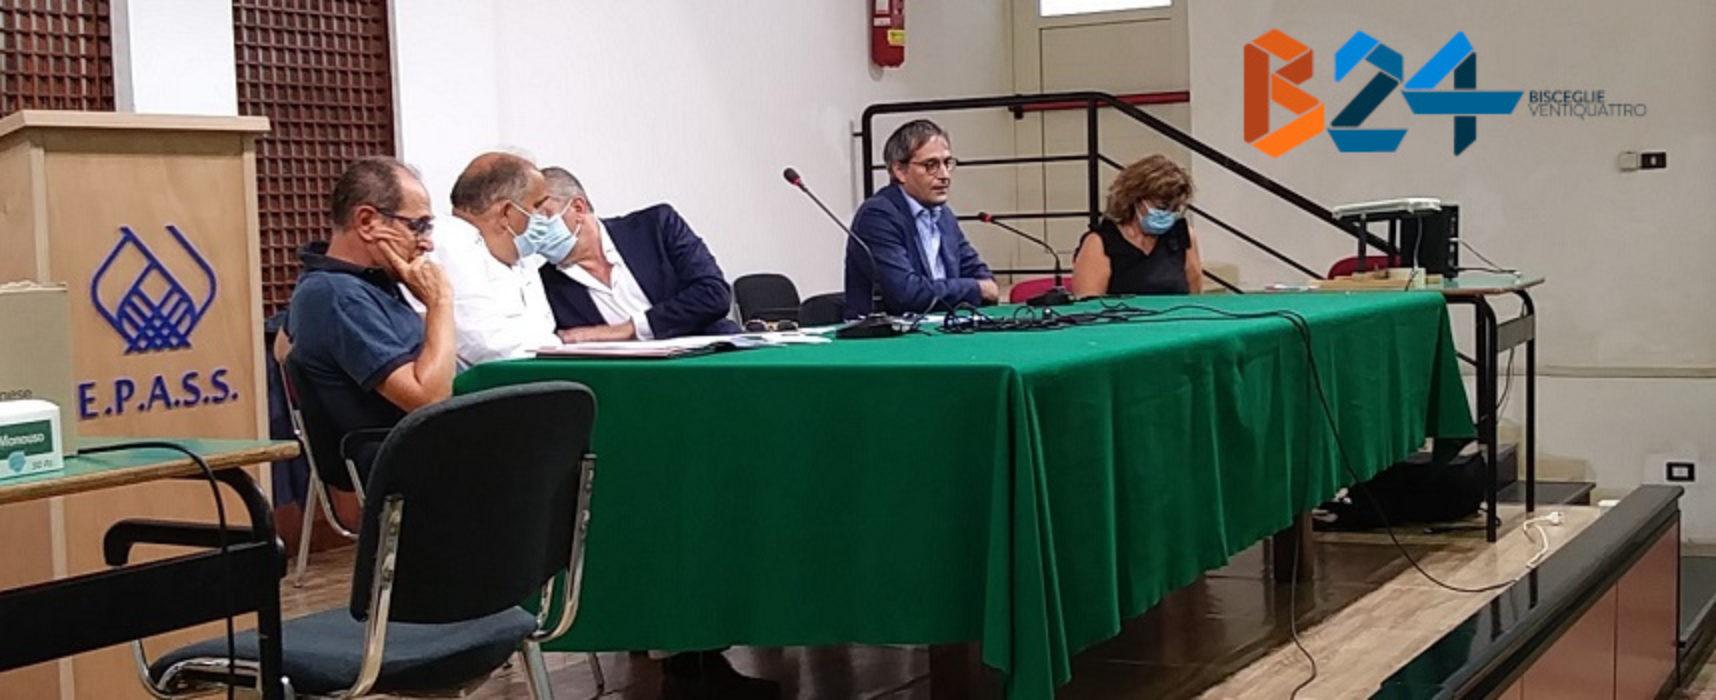 """Liceo """"da Vinci"""": braccio di ferro tra Dirigente, docenti e studenti sulla questione turno pomeridiano"""